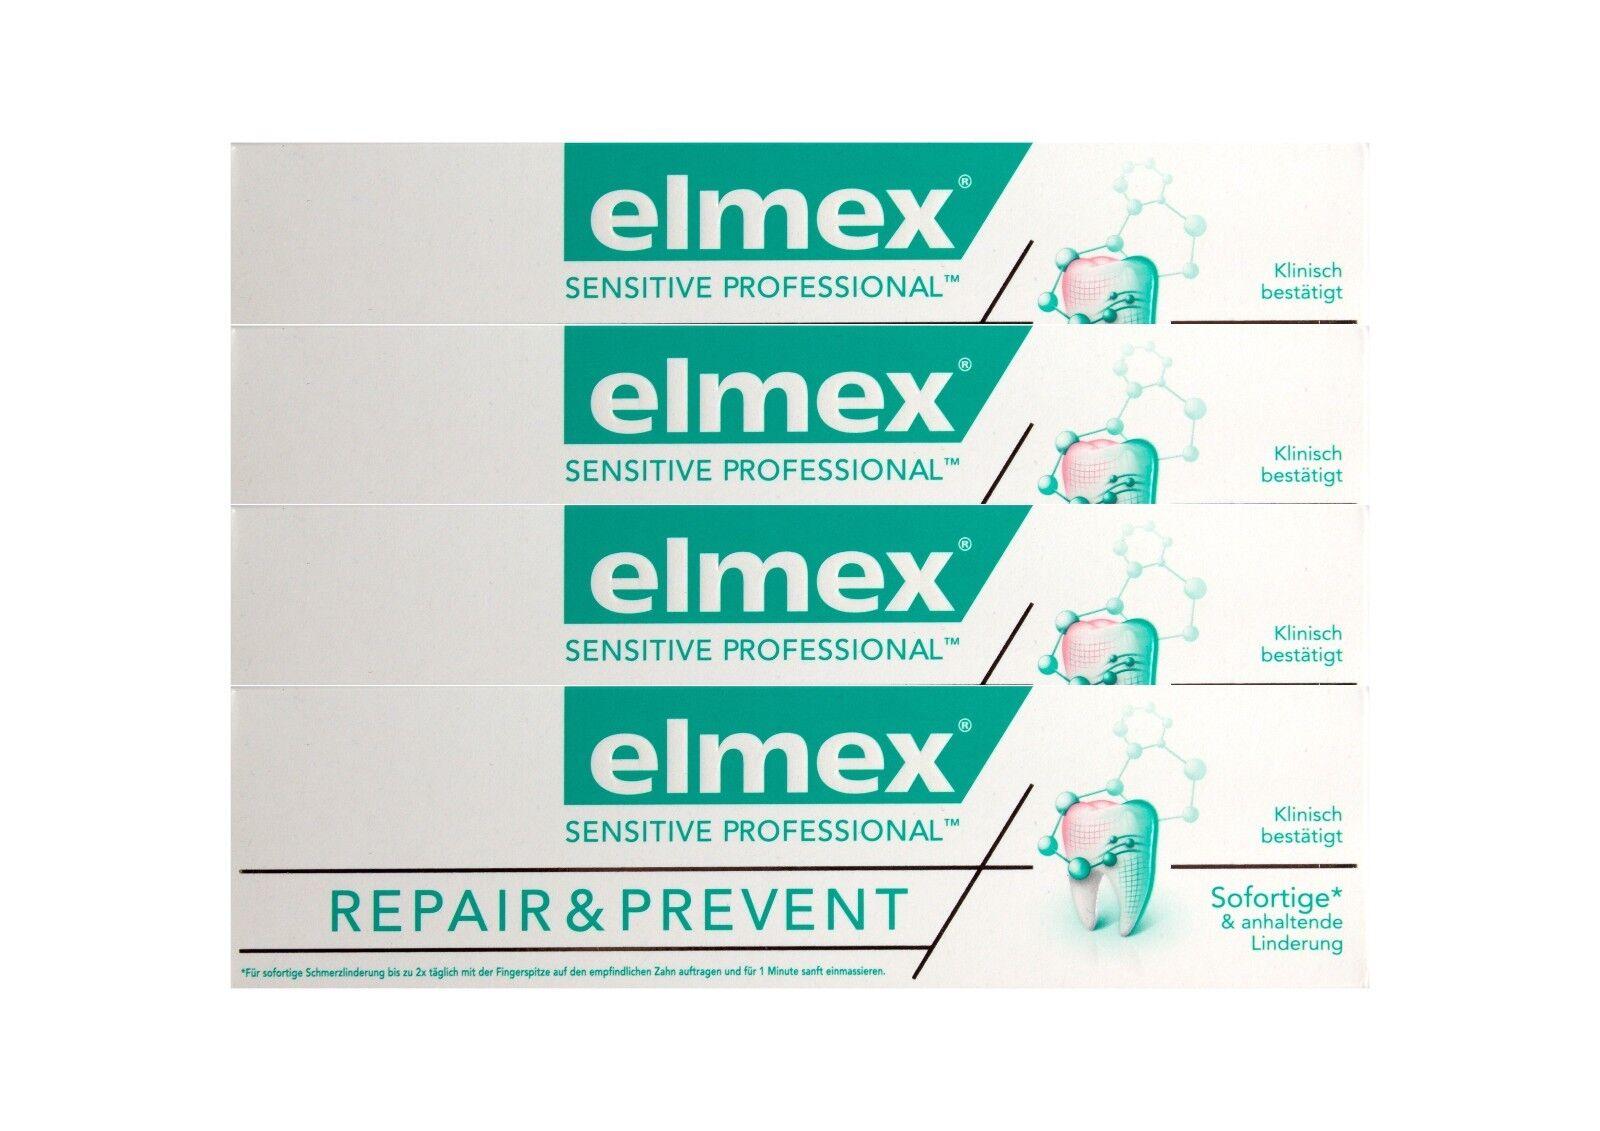 4x elmex SENSITIVE PROFESSIONAL REPAIR & PREVENT Zahnpasta 75ml Zahncreme